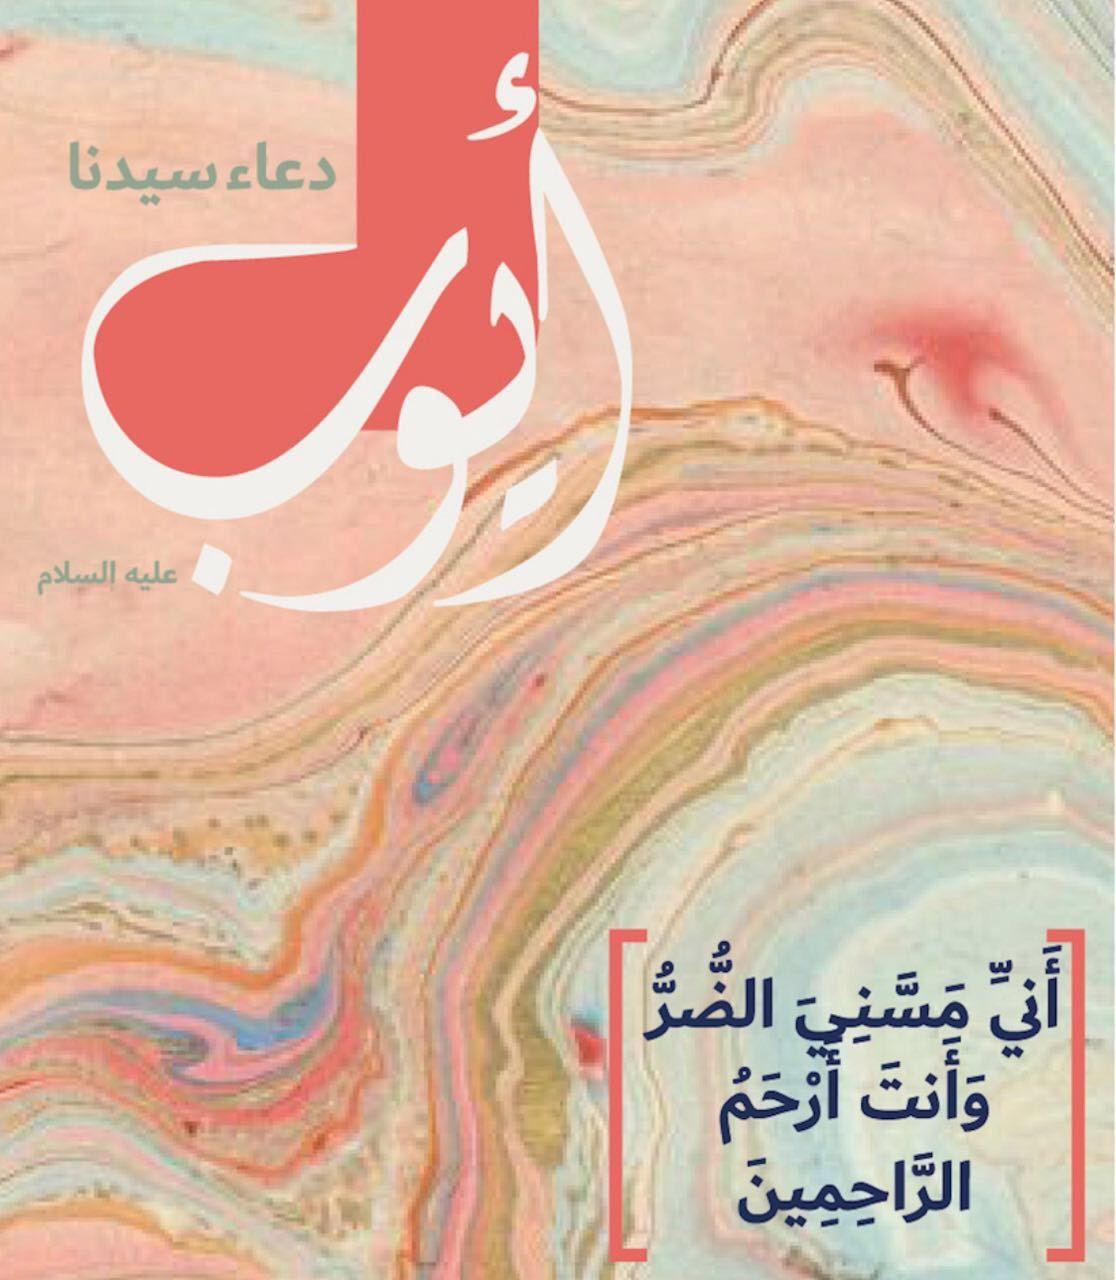 دعاء أيوب عليه السلام Holy Quran Book Quran Book Quran